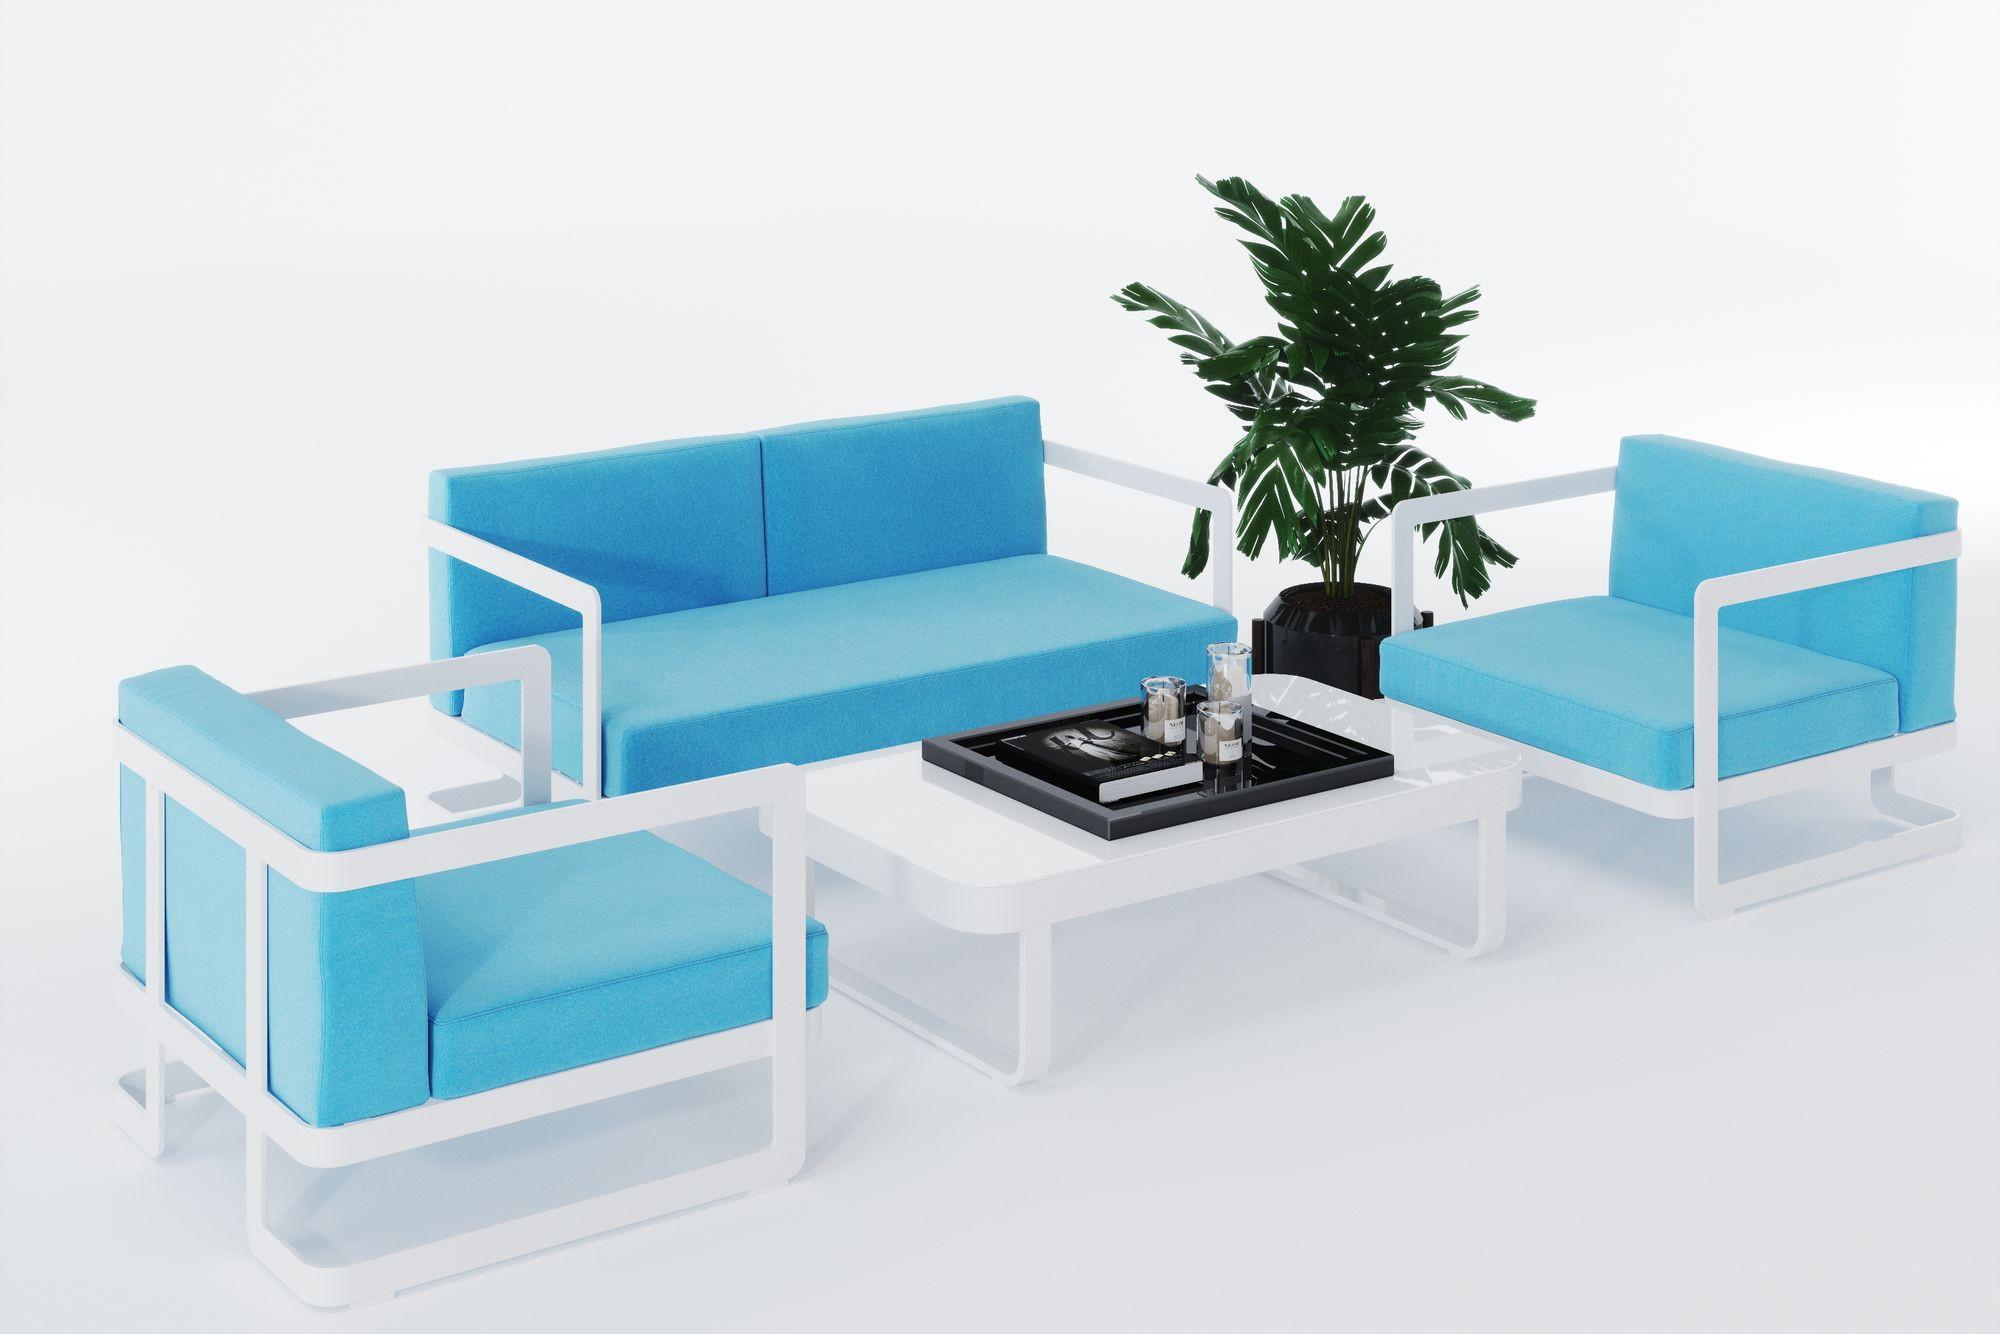 """Фото - Садовая мебель из алюминия """"VILLINO"""" white & blue"""